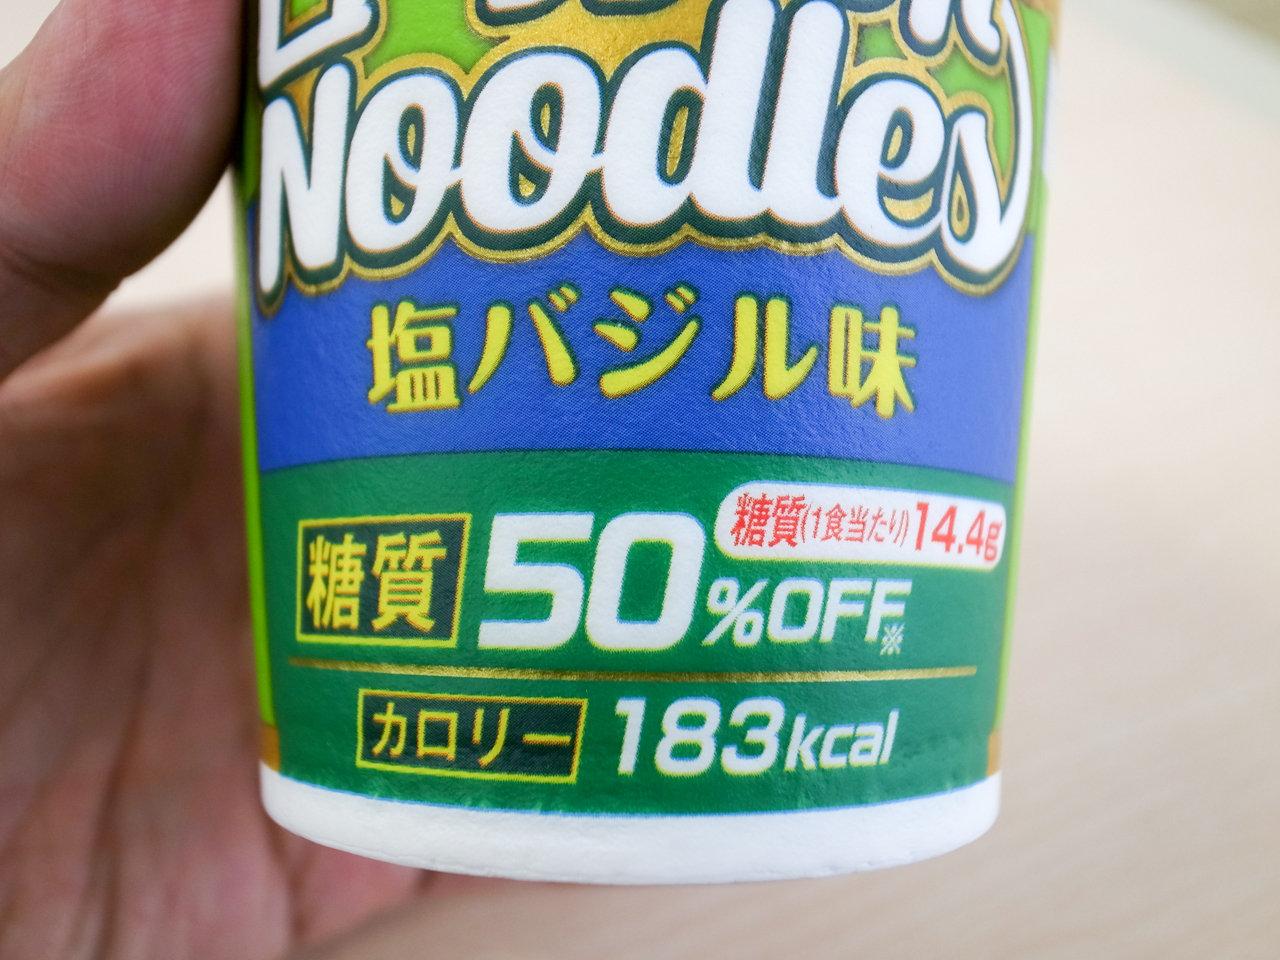 【続報】低糖質麺 ローカーボNoodlesは「塩バジル味」のほうが美味い